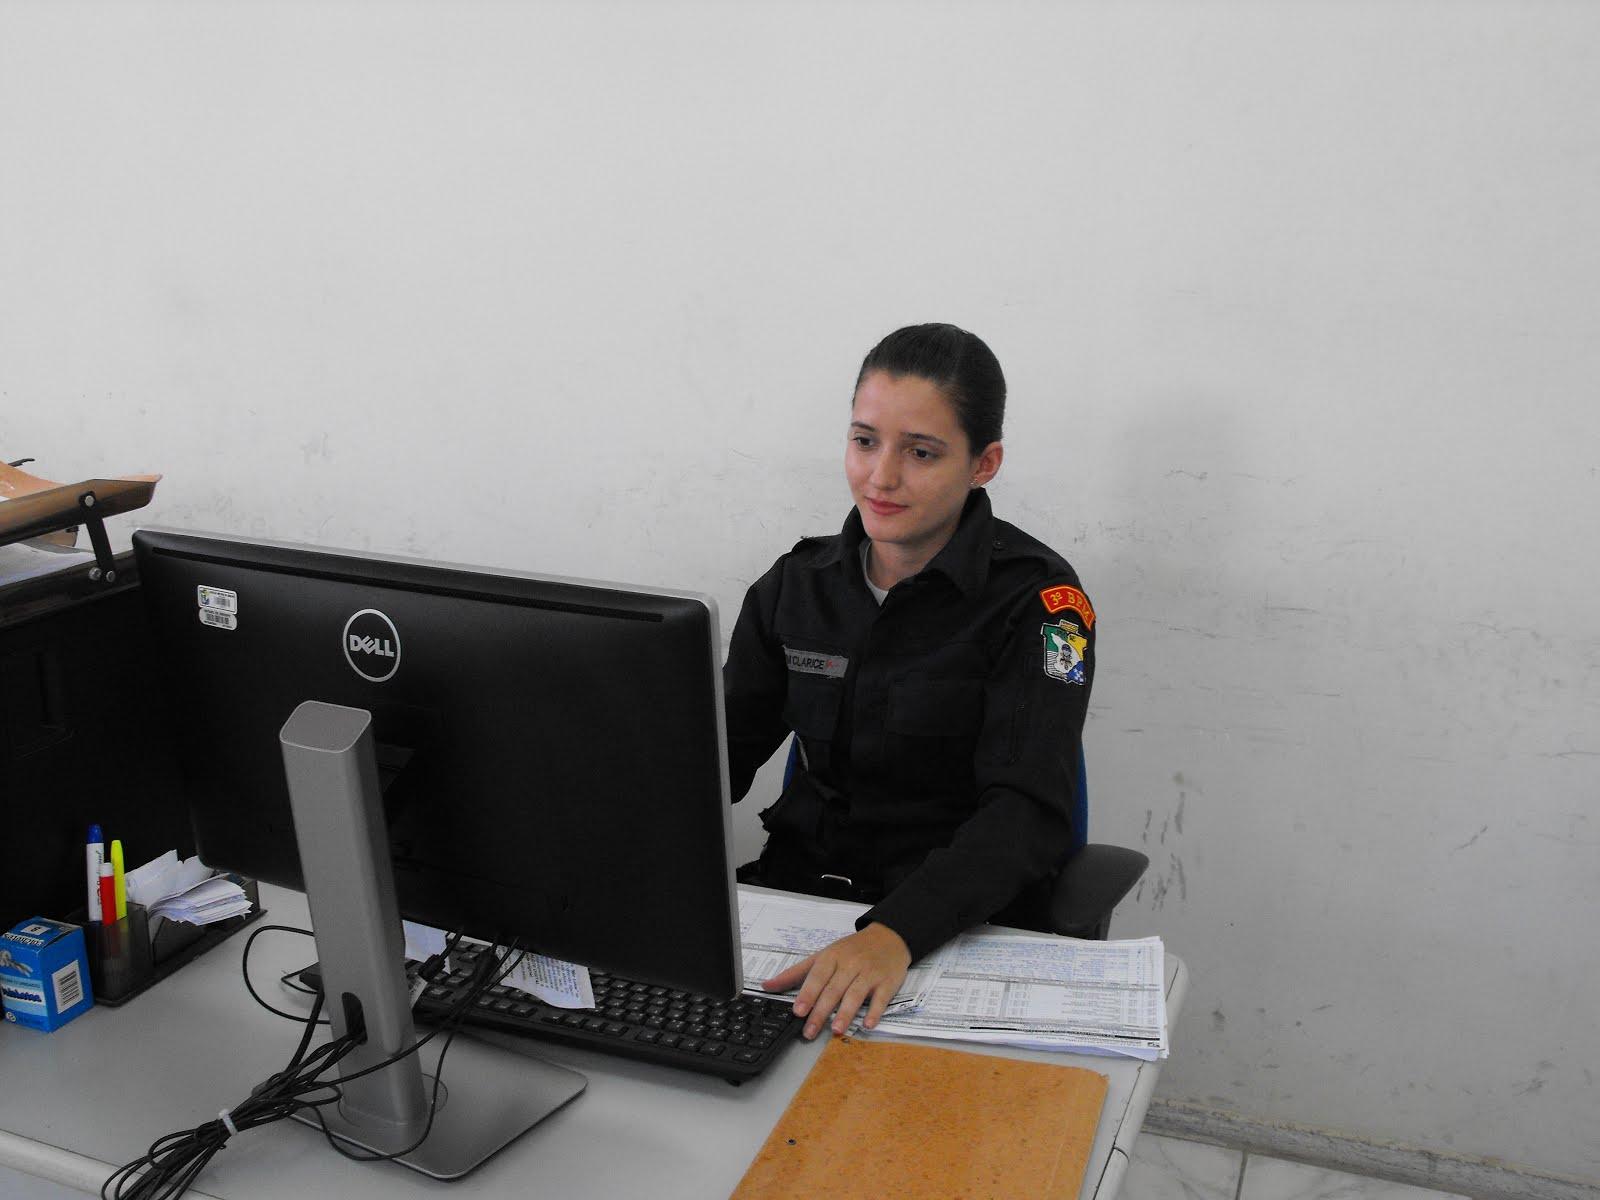 POLICIAL DA AJUDÂNCIA DO COMANDO DA UNIDADE